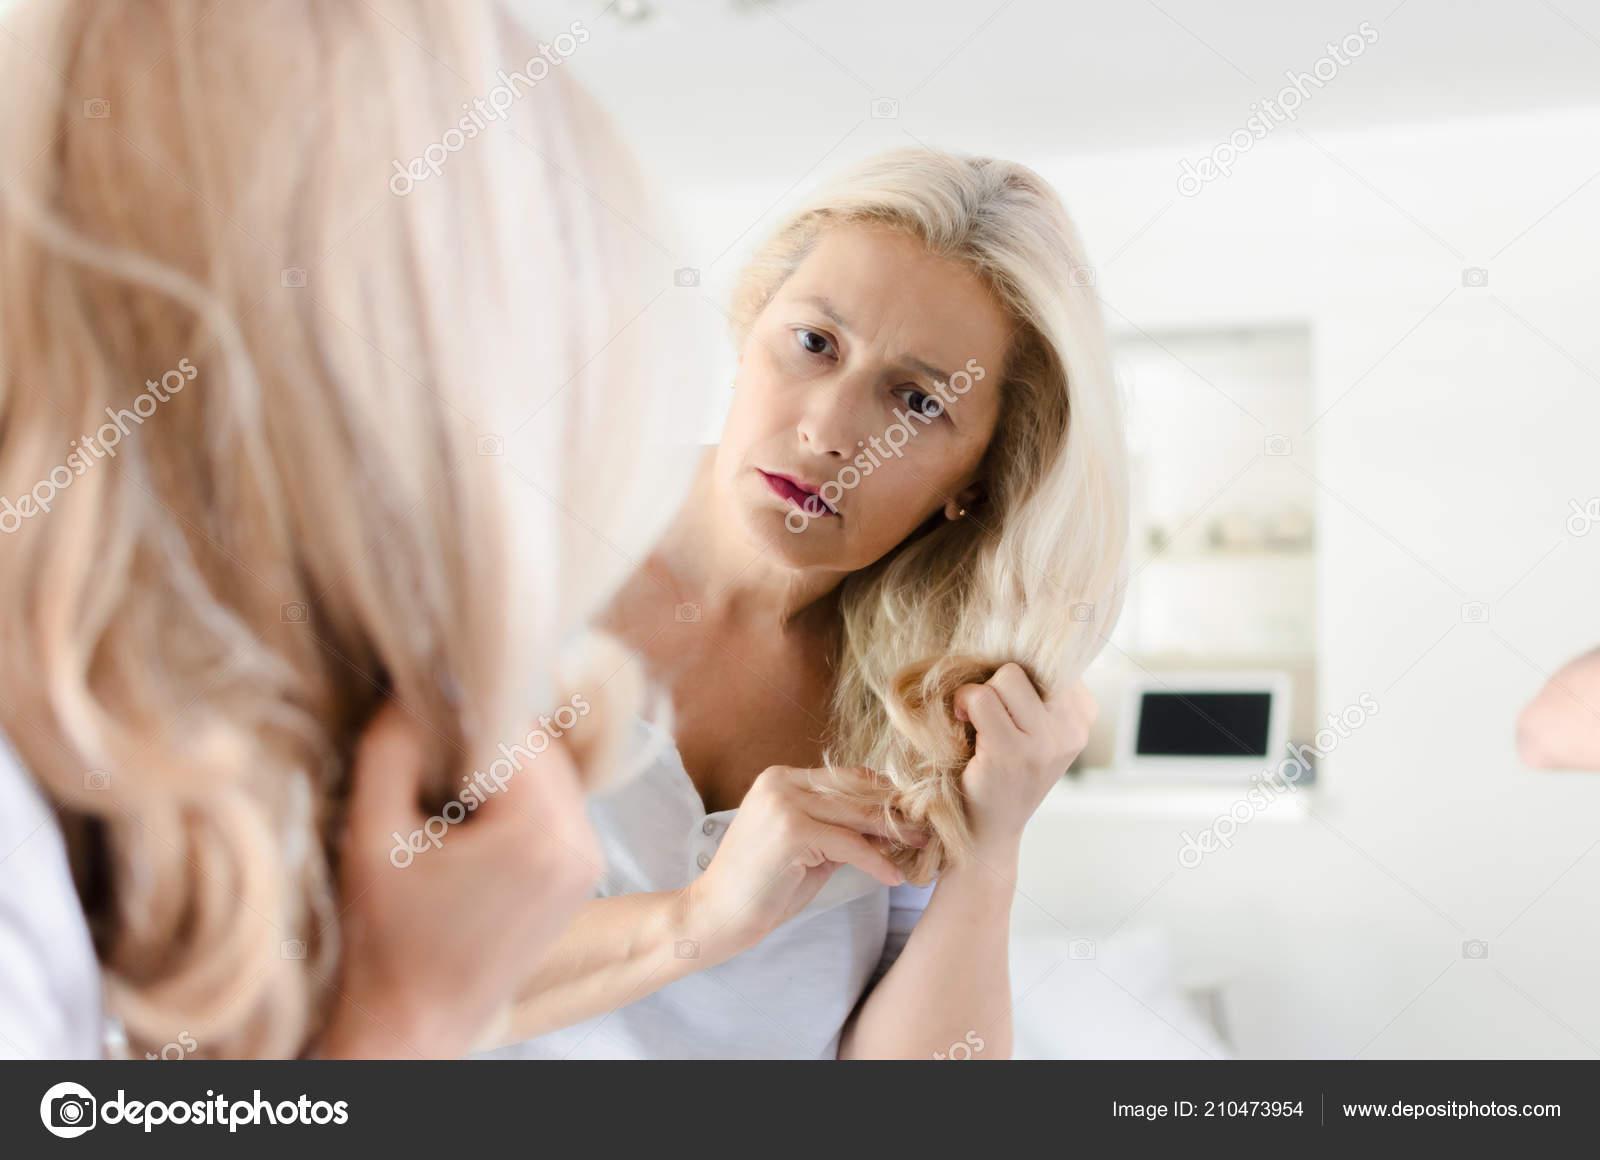 Фото голых девочек перед зеркалом, Девушки у зеркала KyKyRyzO 25 фотография